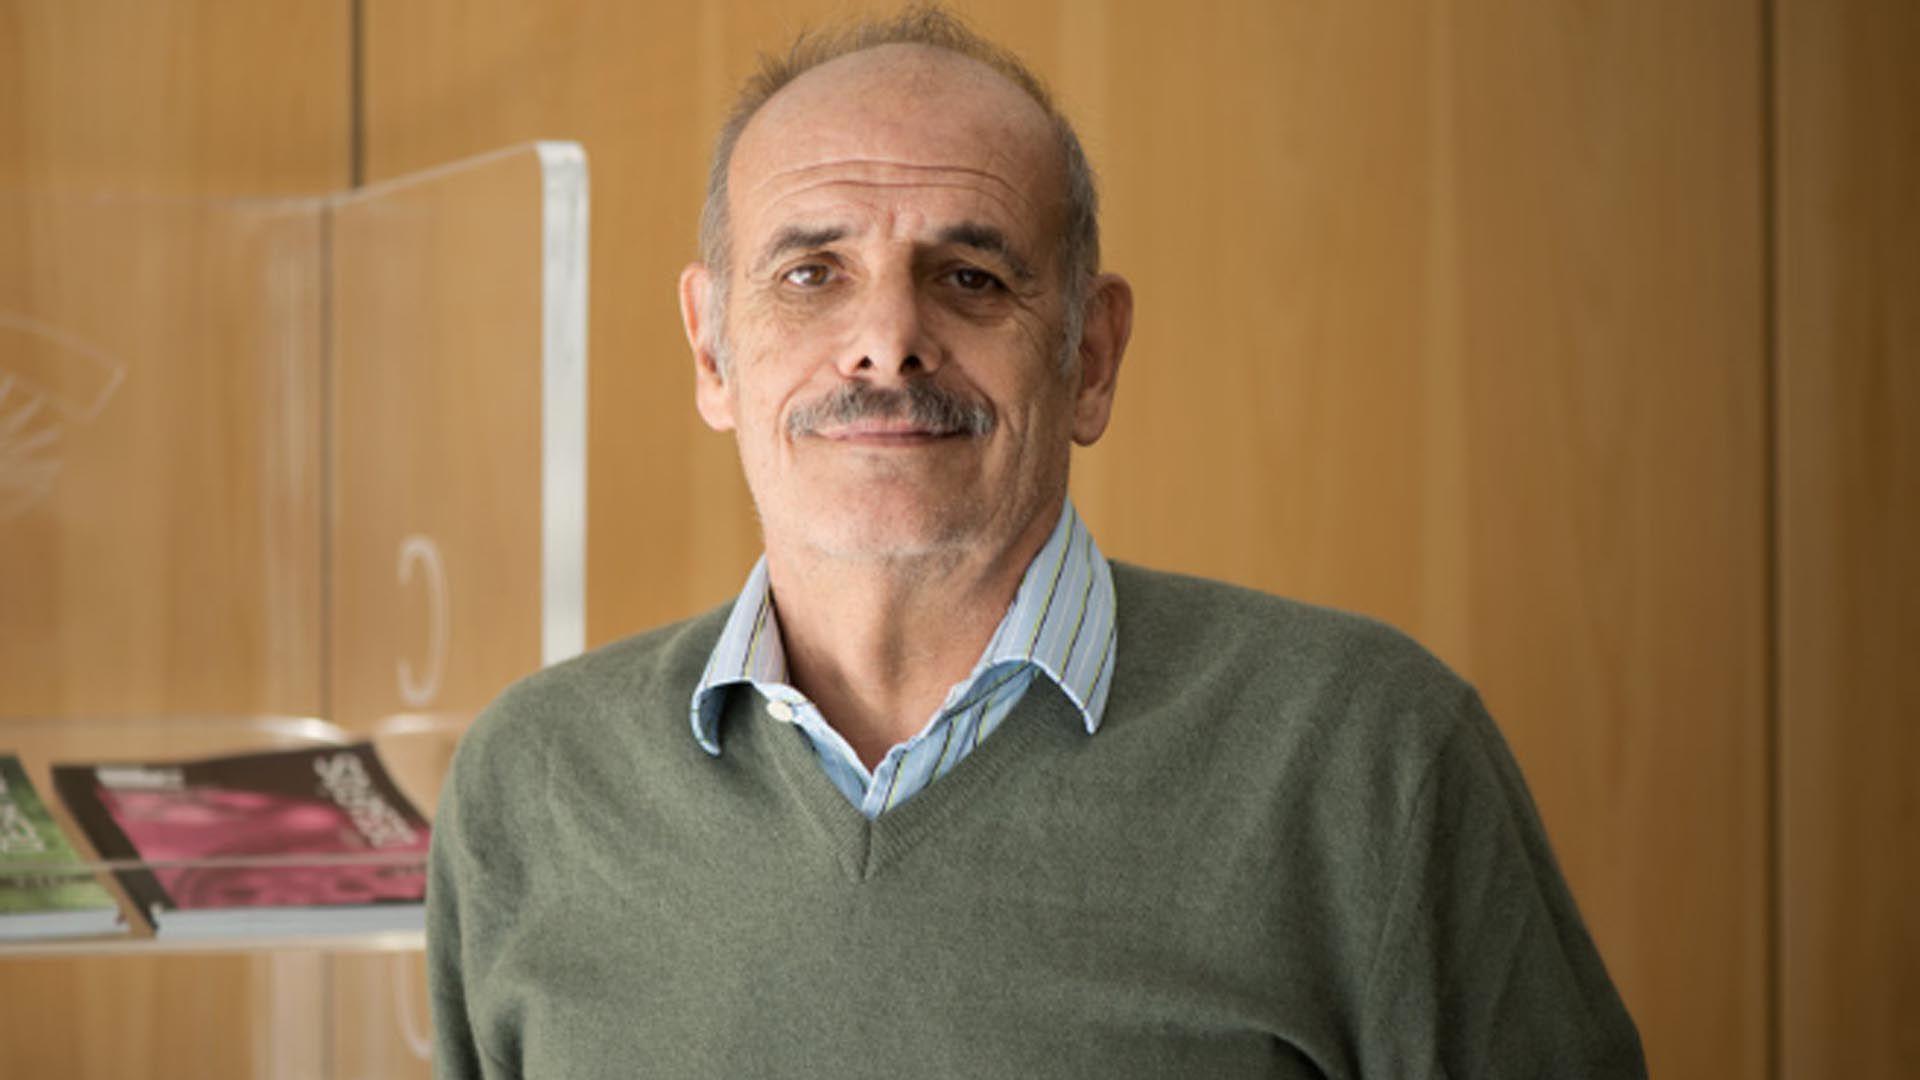 El Conicet nombró a Miguel Ángel Laborde como interino